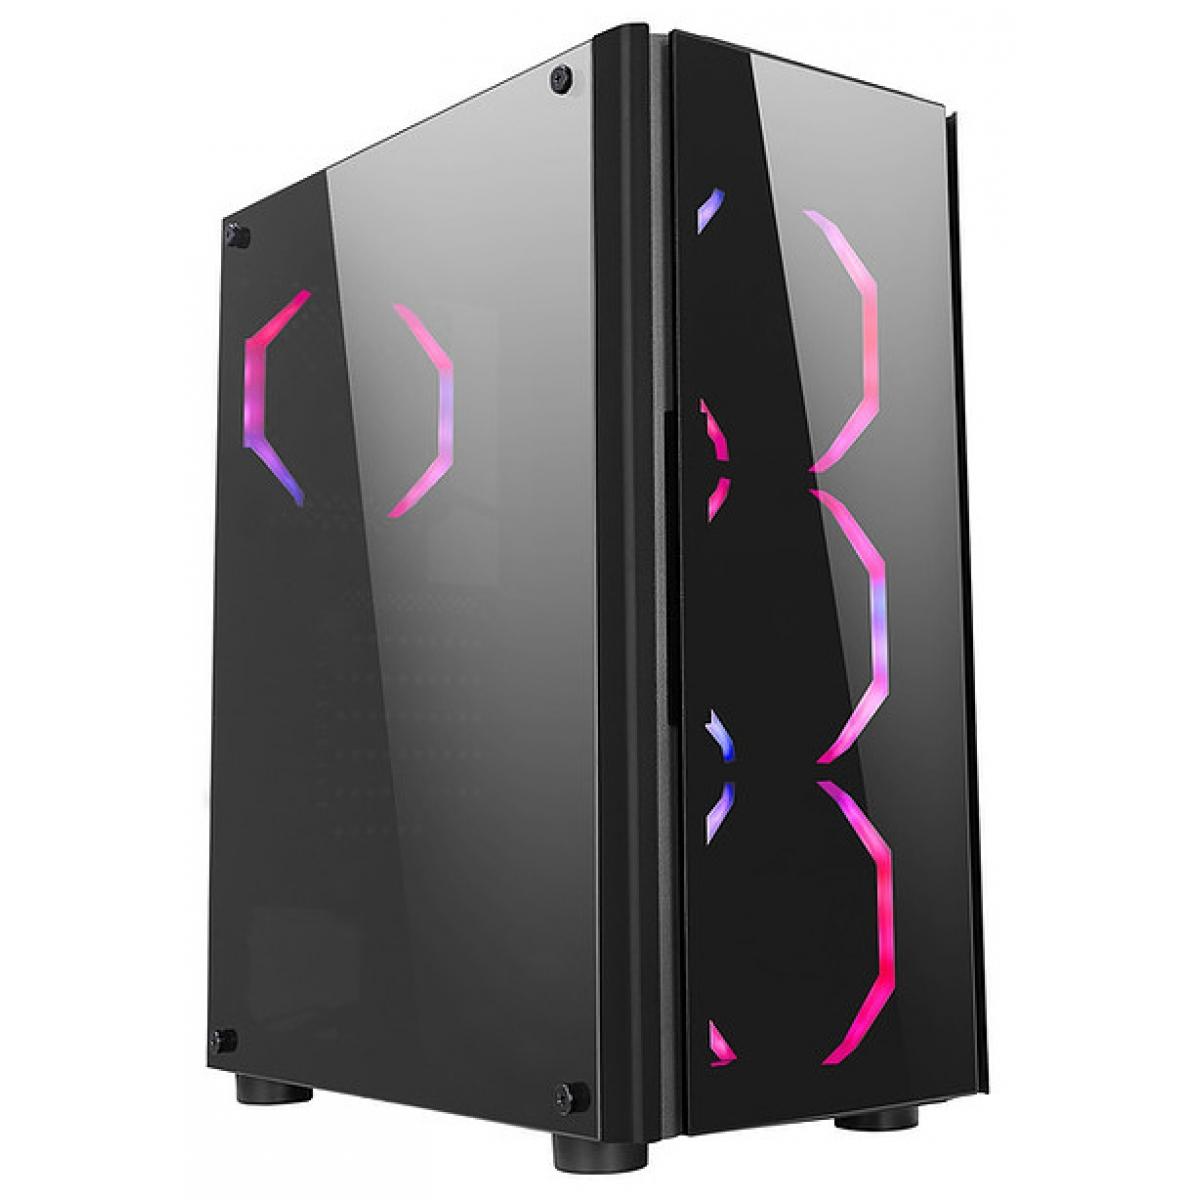 Gabinete Gamer liketec Streamer RGB, Mid Tower, Vidro Temperado, Black, Sem Fonte, Com 3 Fans